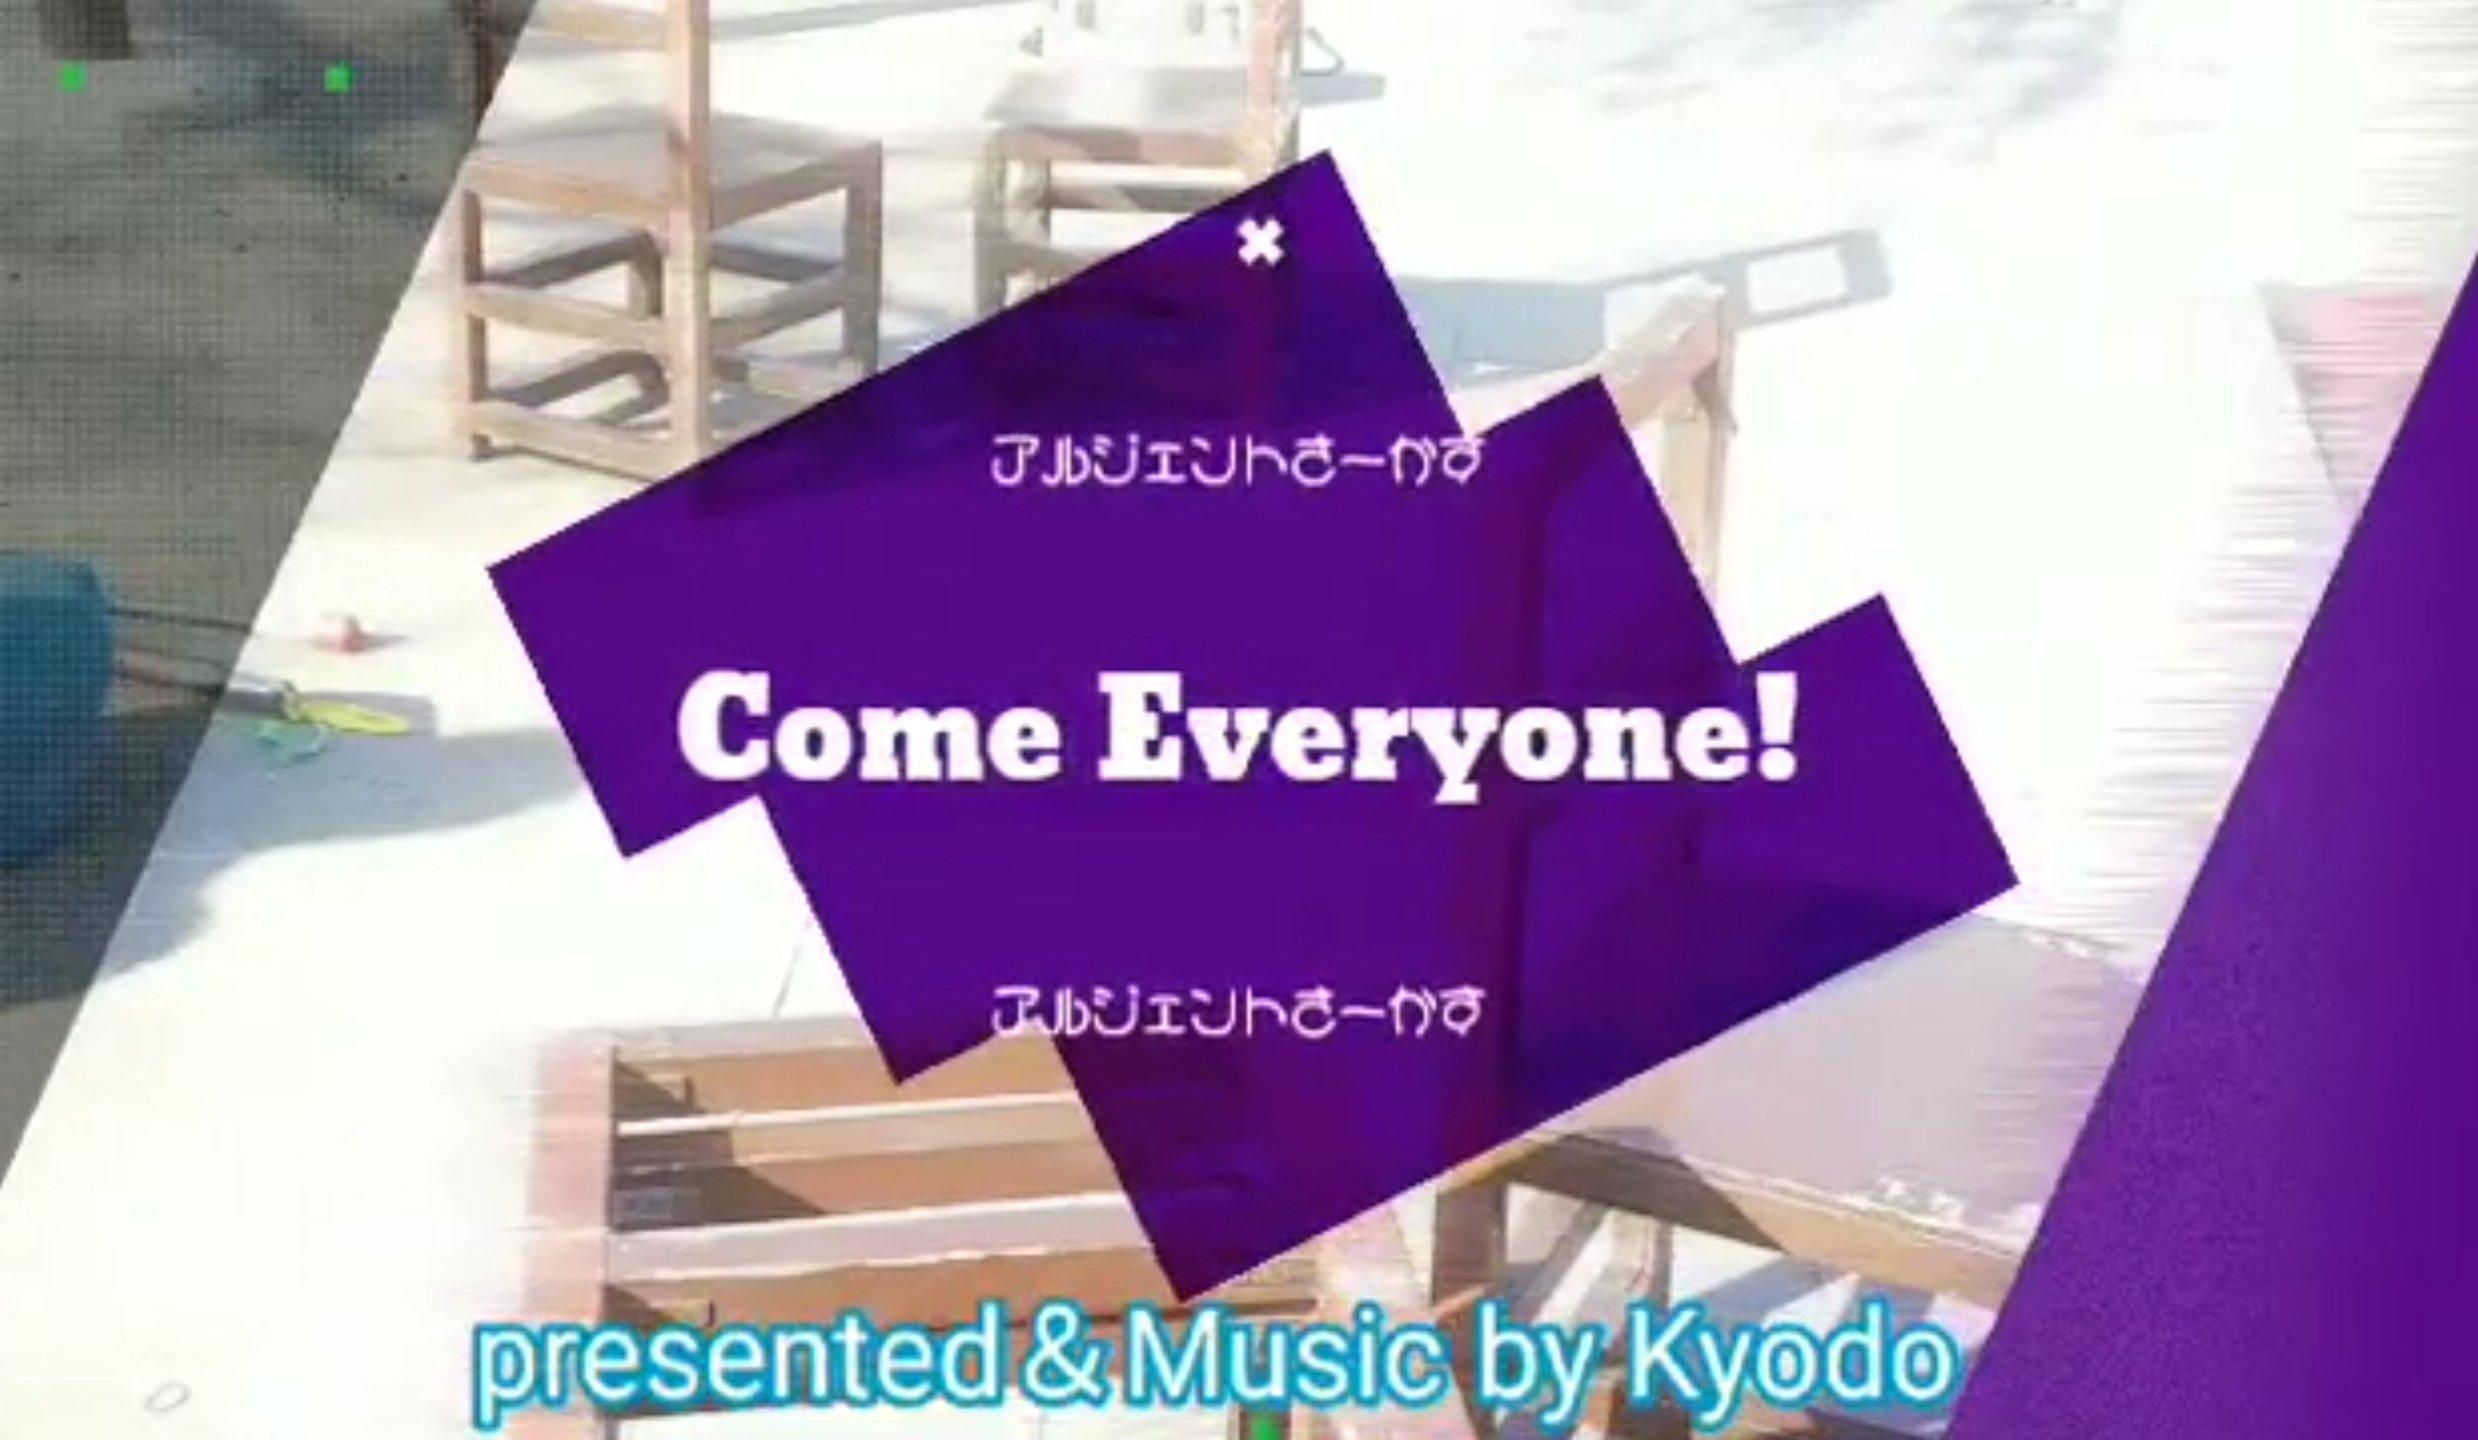 Come Everyone!Kyodo Remixのオリジナル楽曲によるアルジェントさーかすの大道芸人GEN(ジェン)のパフォーマンス